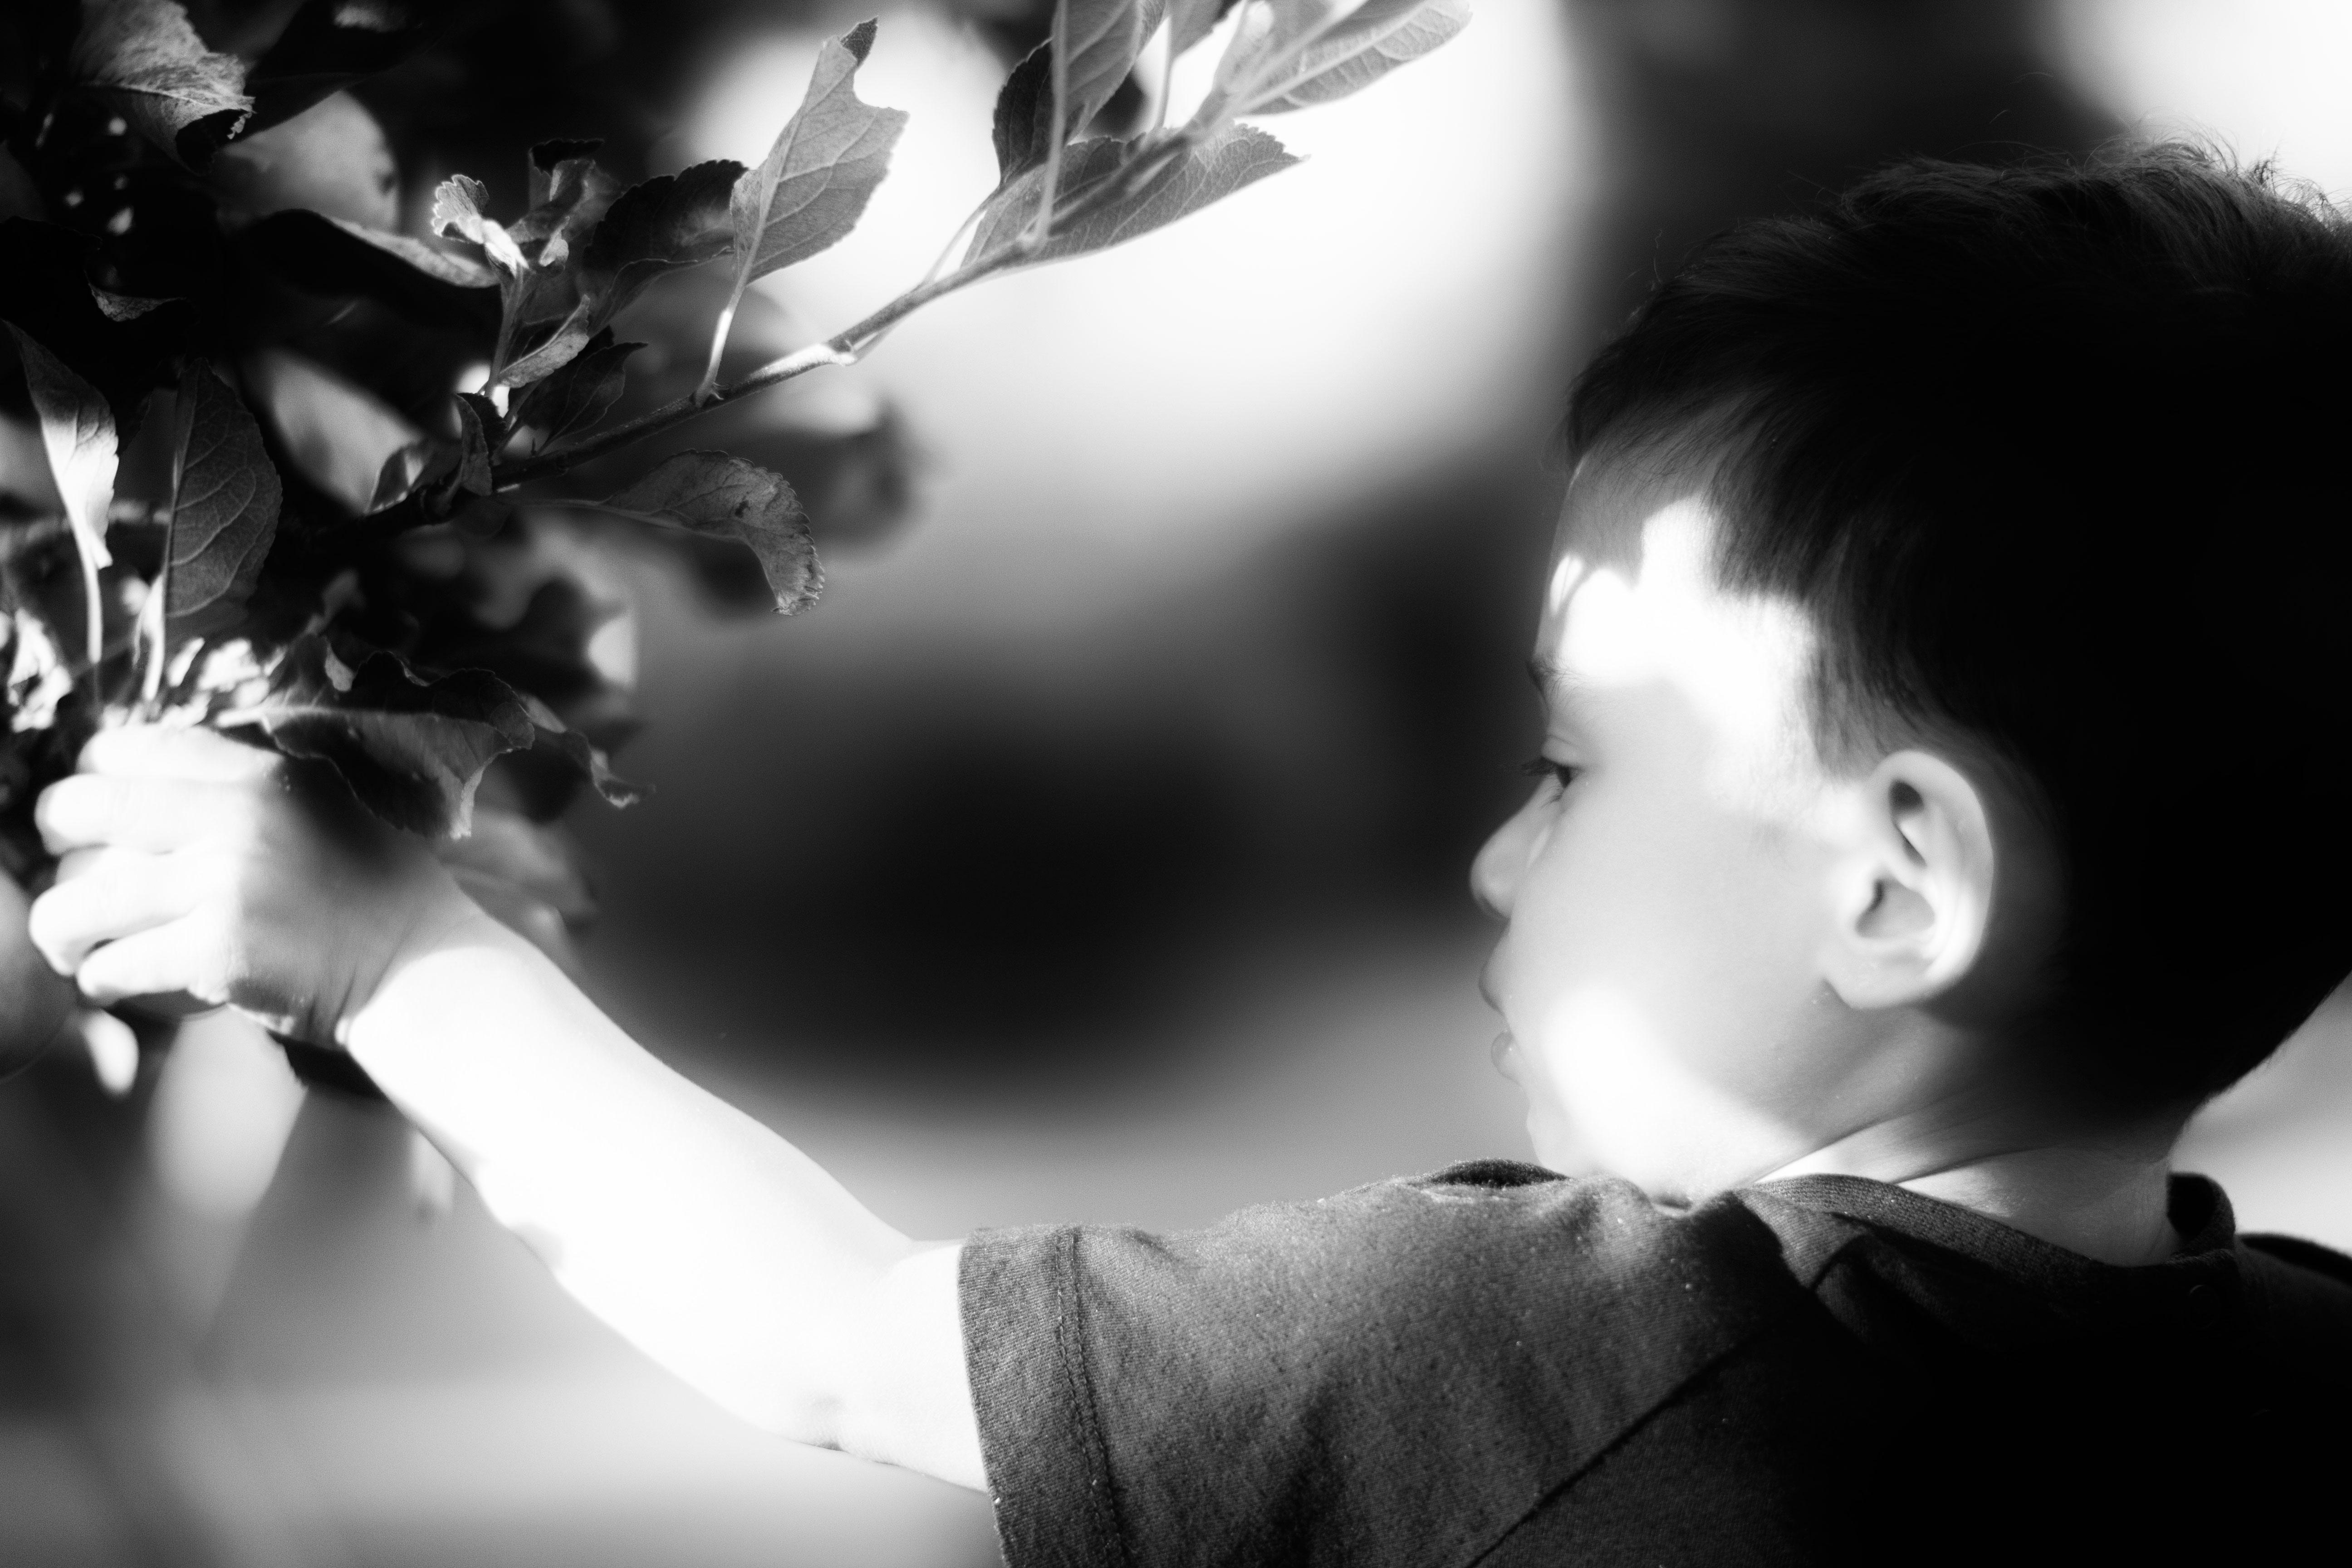 svart vita porträtt bilder på barn